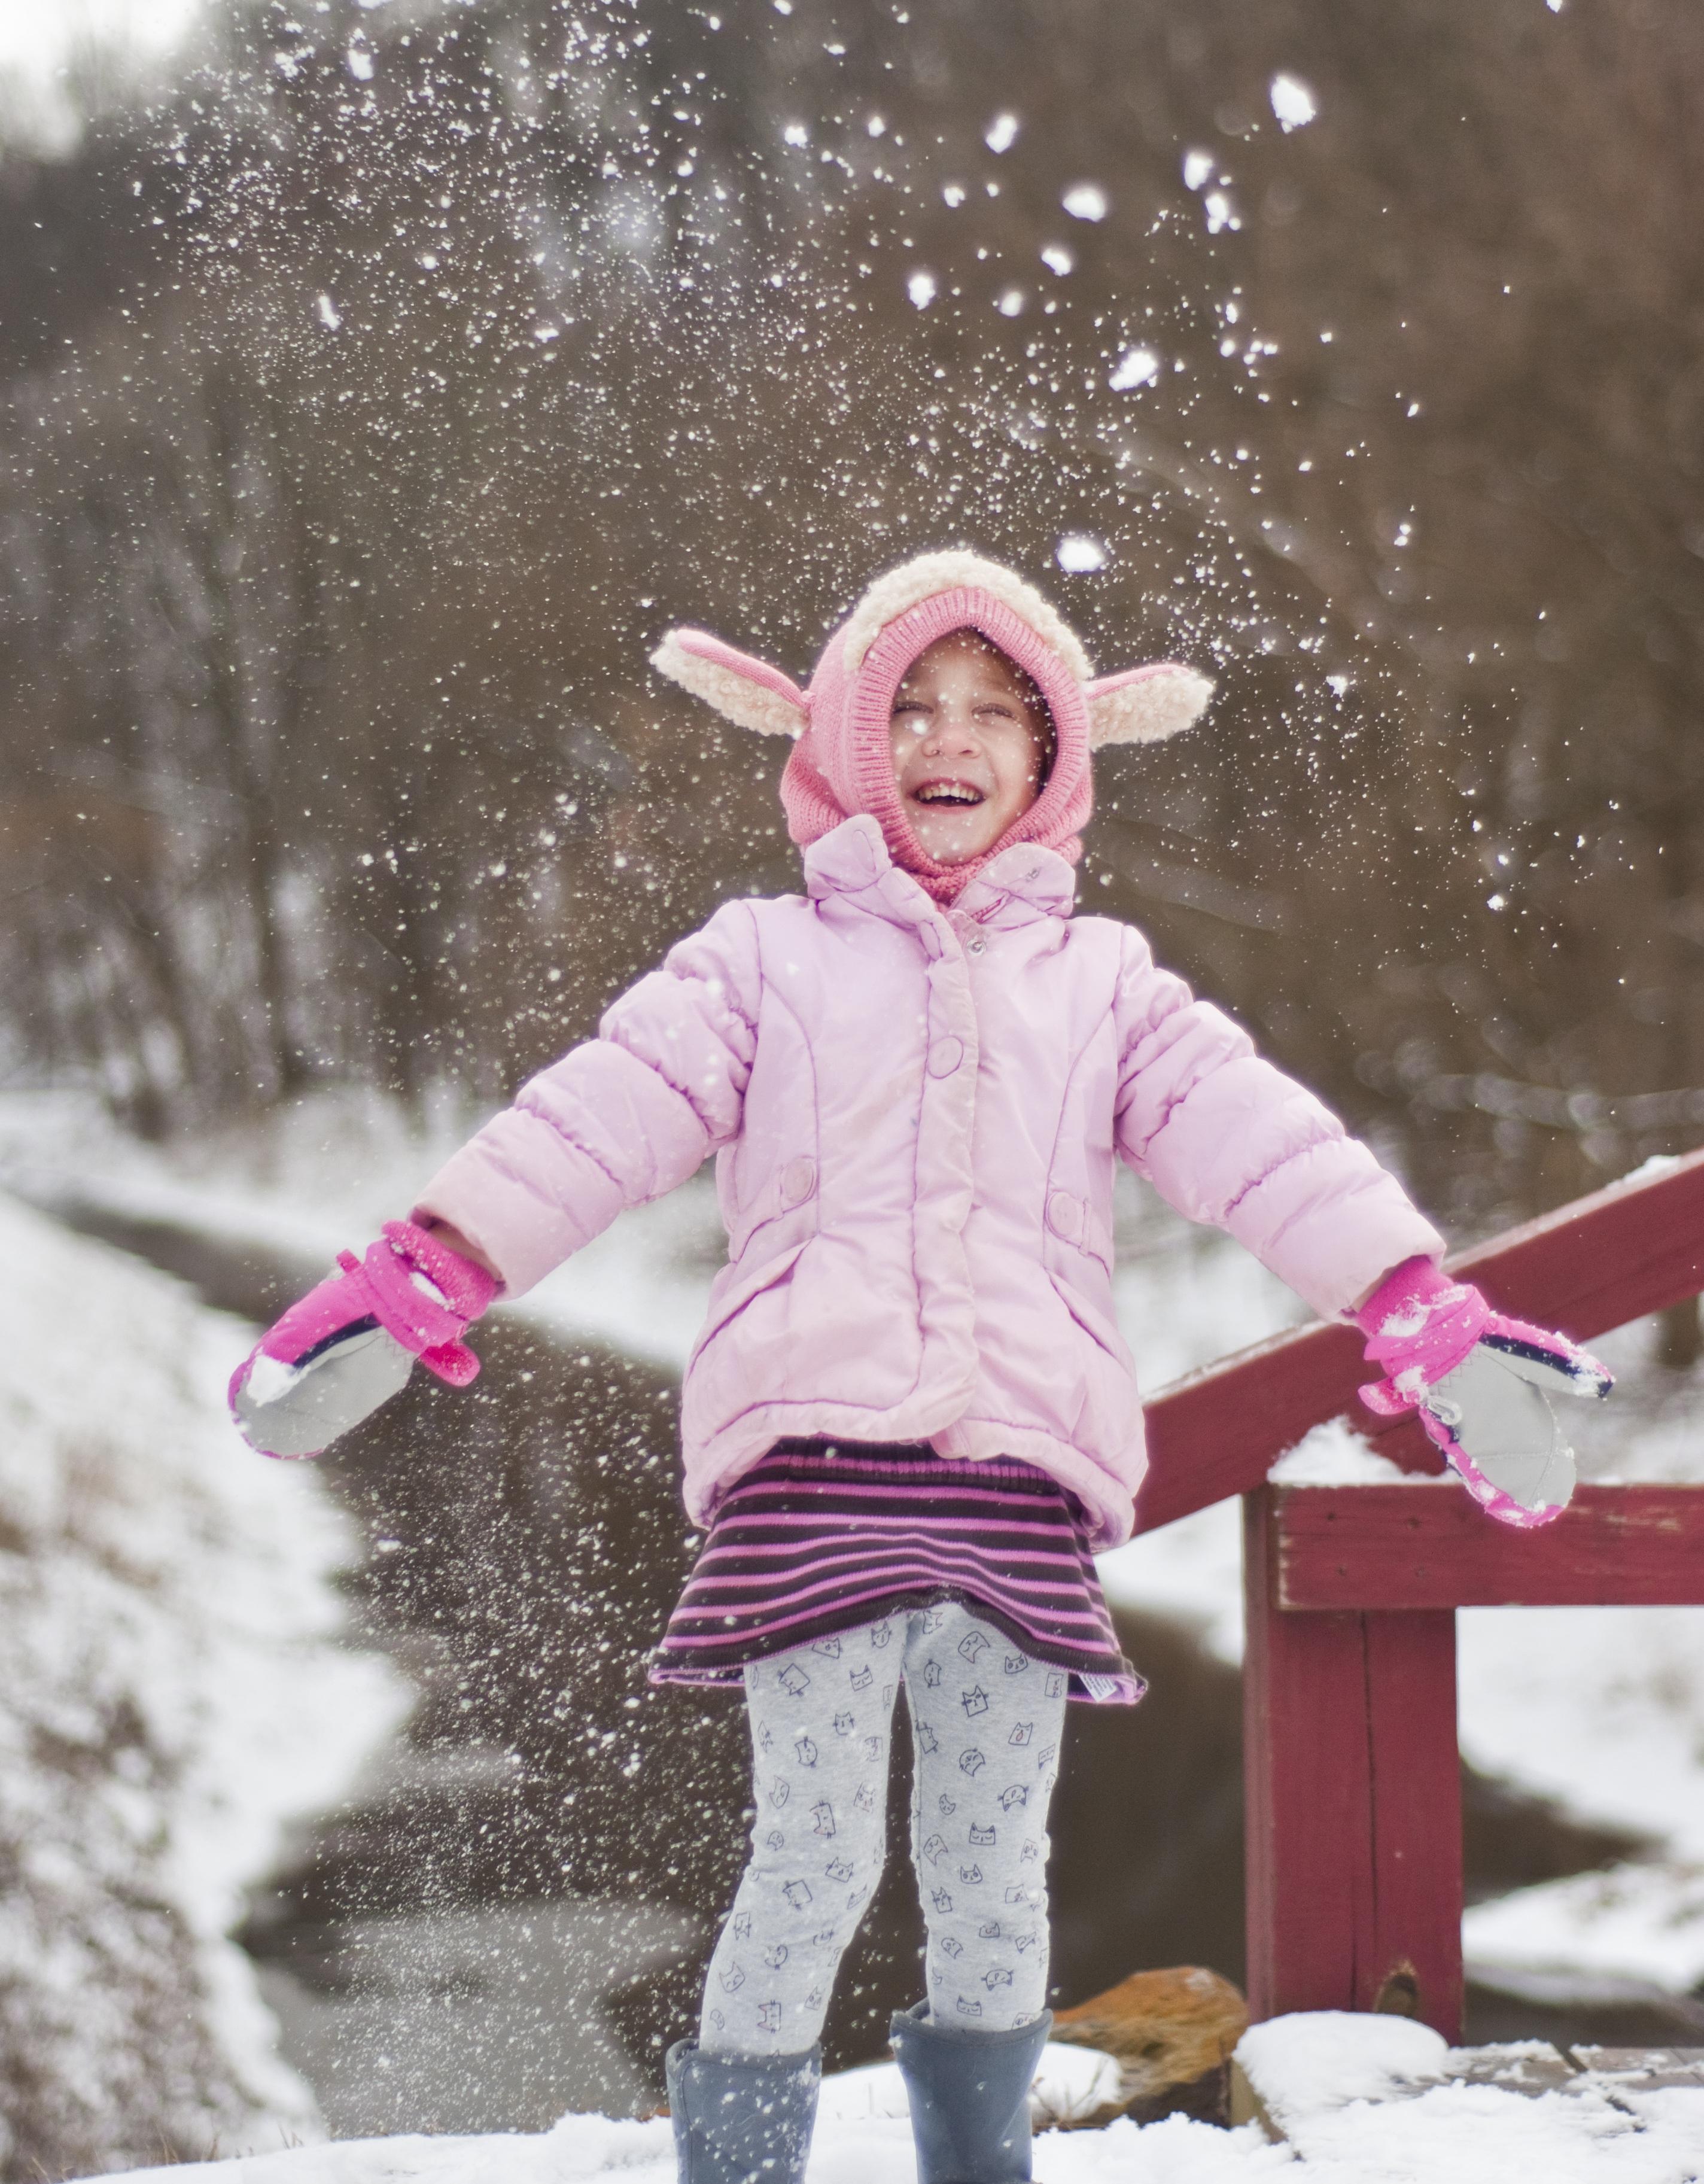 Fotos gratis : al aire libre, nieve, frío, invierno, niña, jugar ...